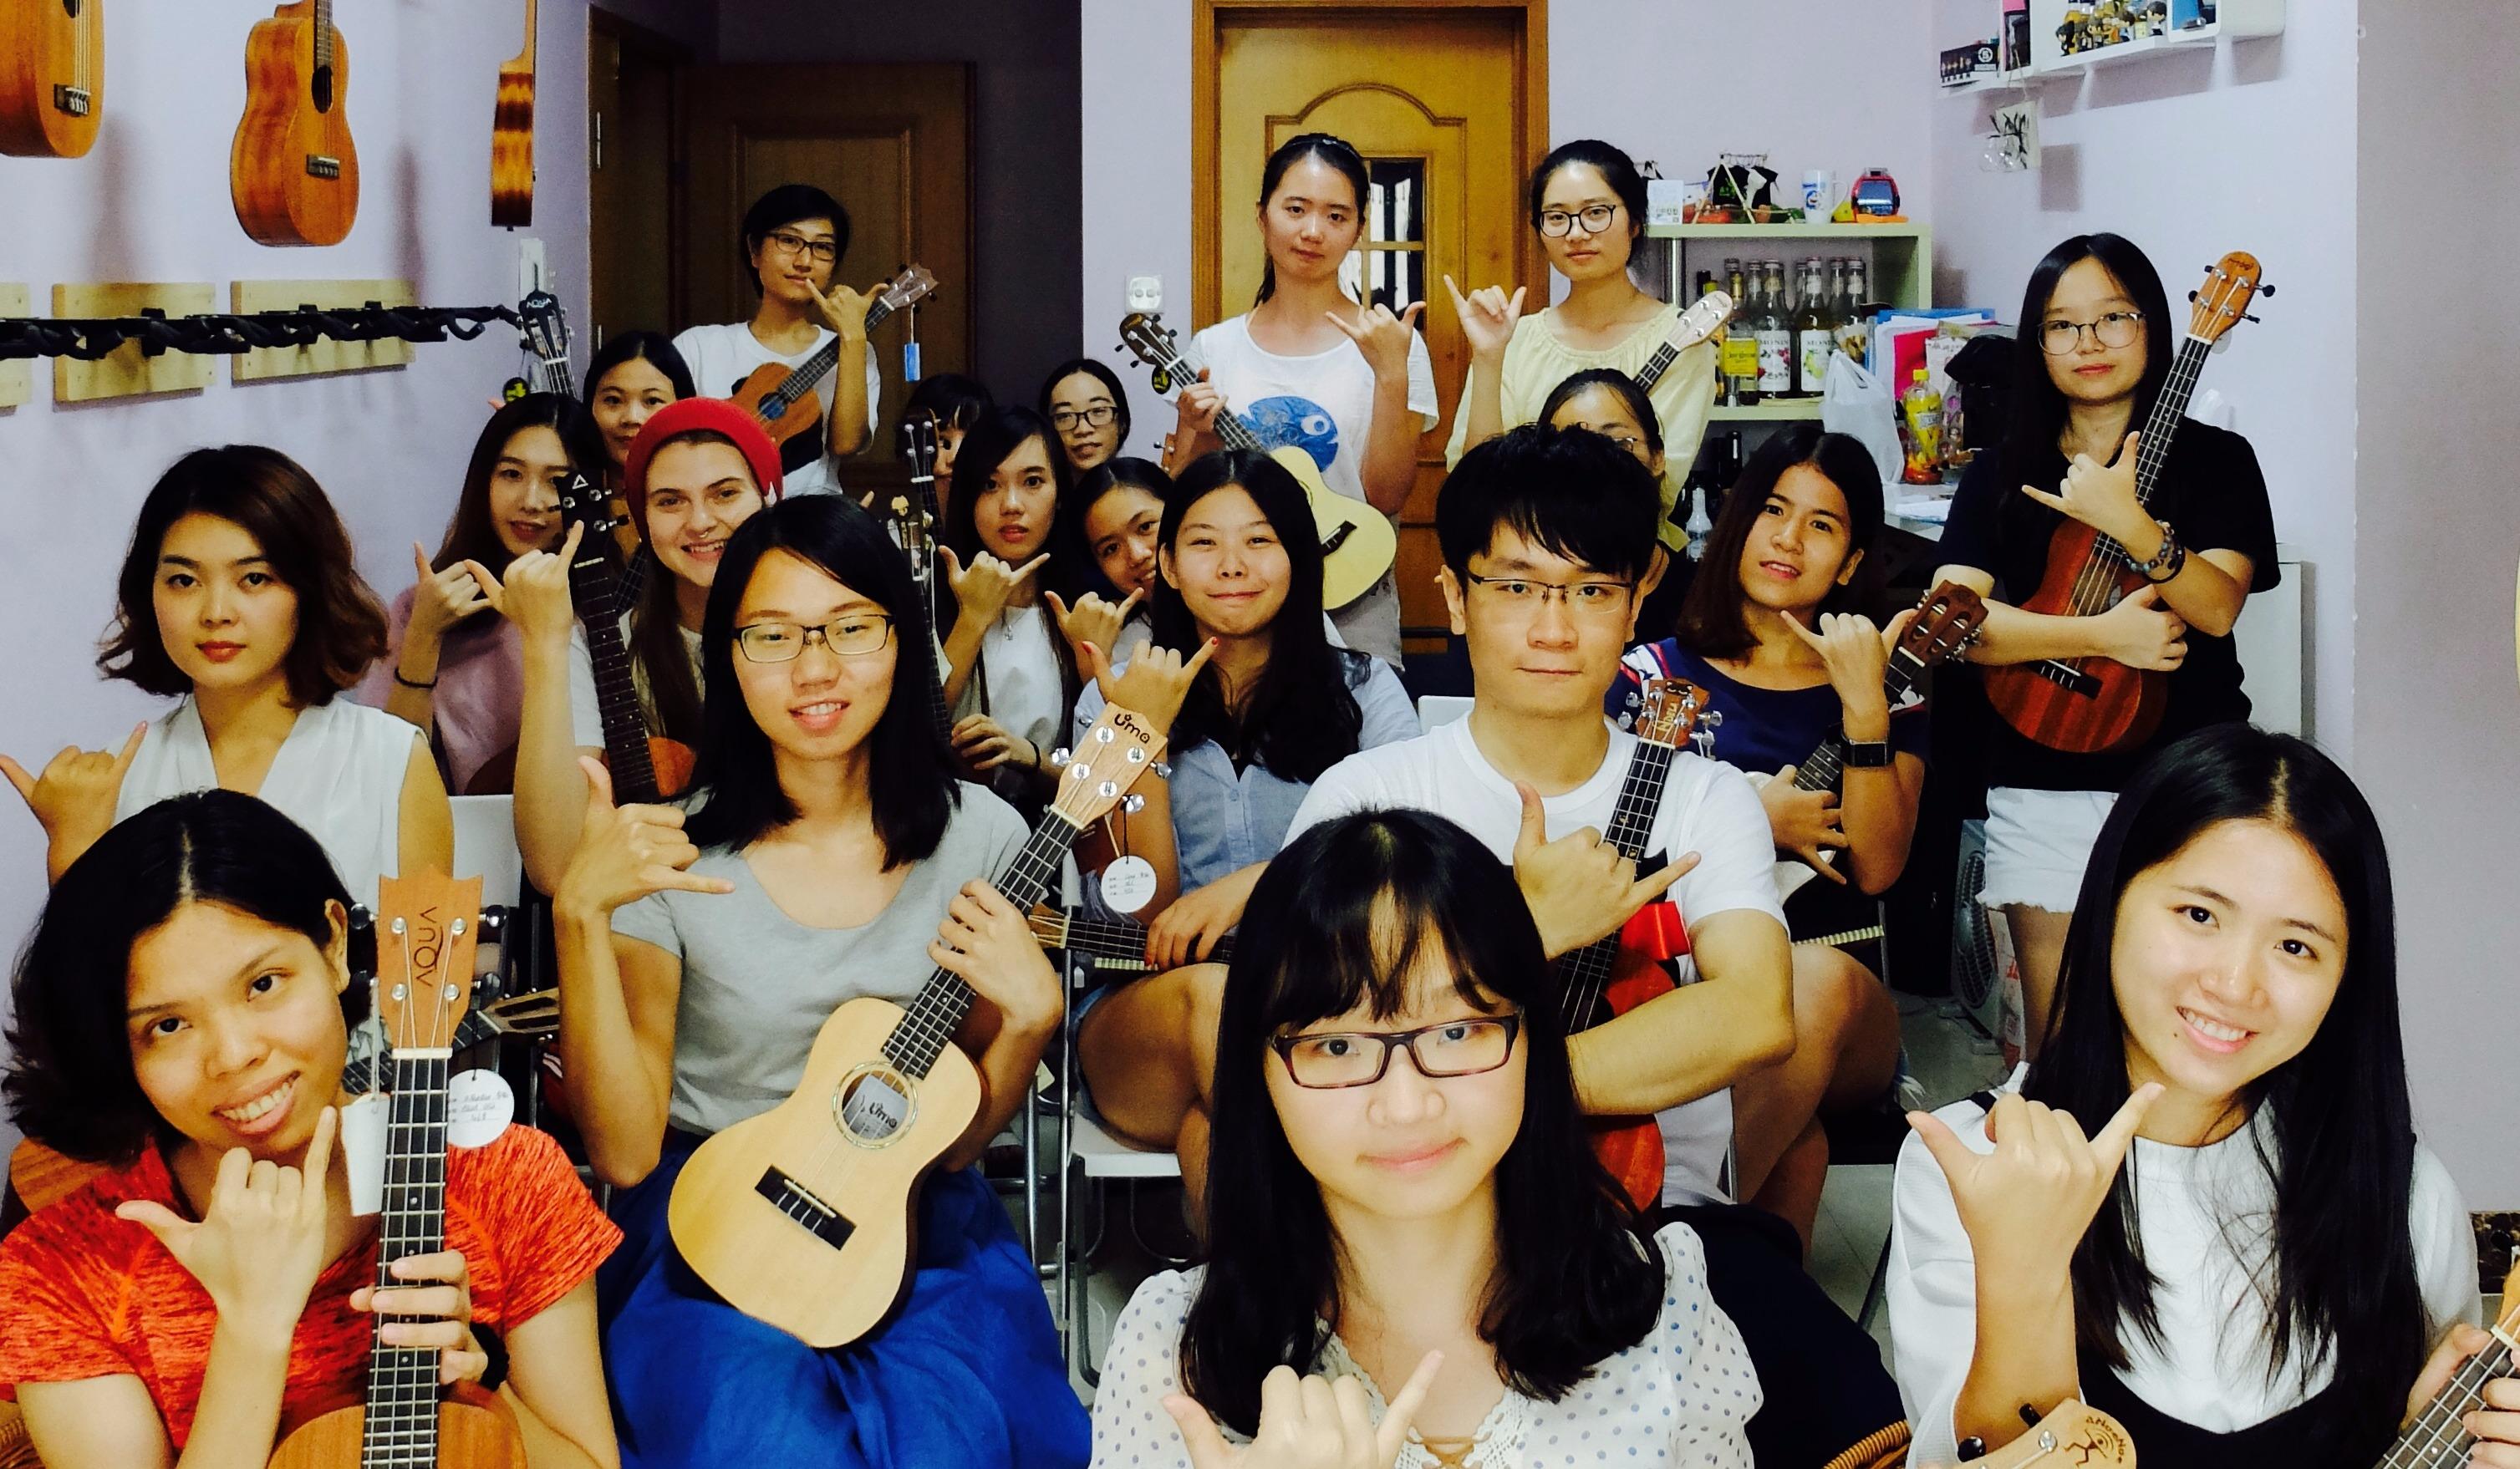 【6月23日周日】追梦 ukulele 尤克里里 周末免费公开课—自弹自唱马上get